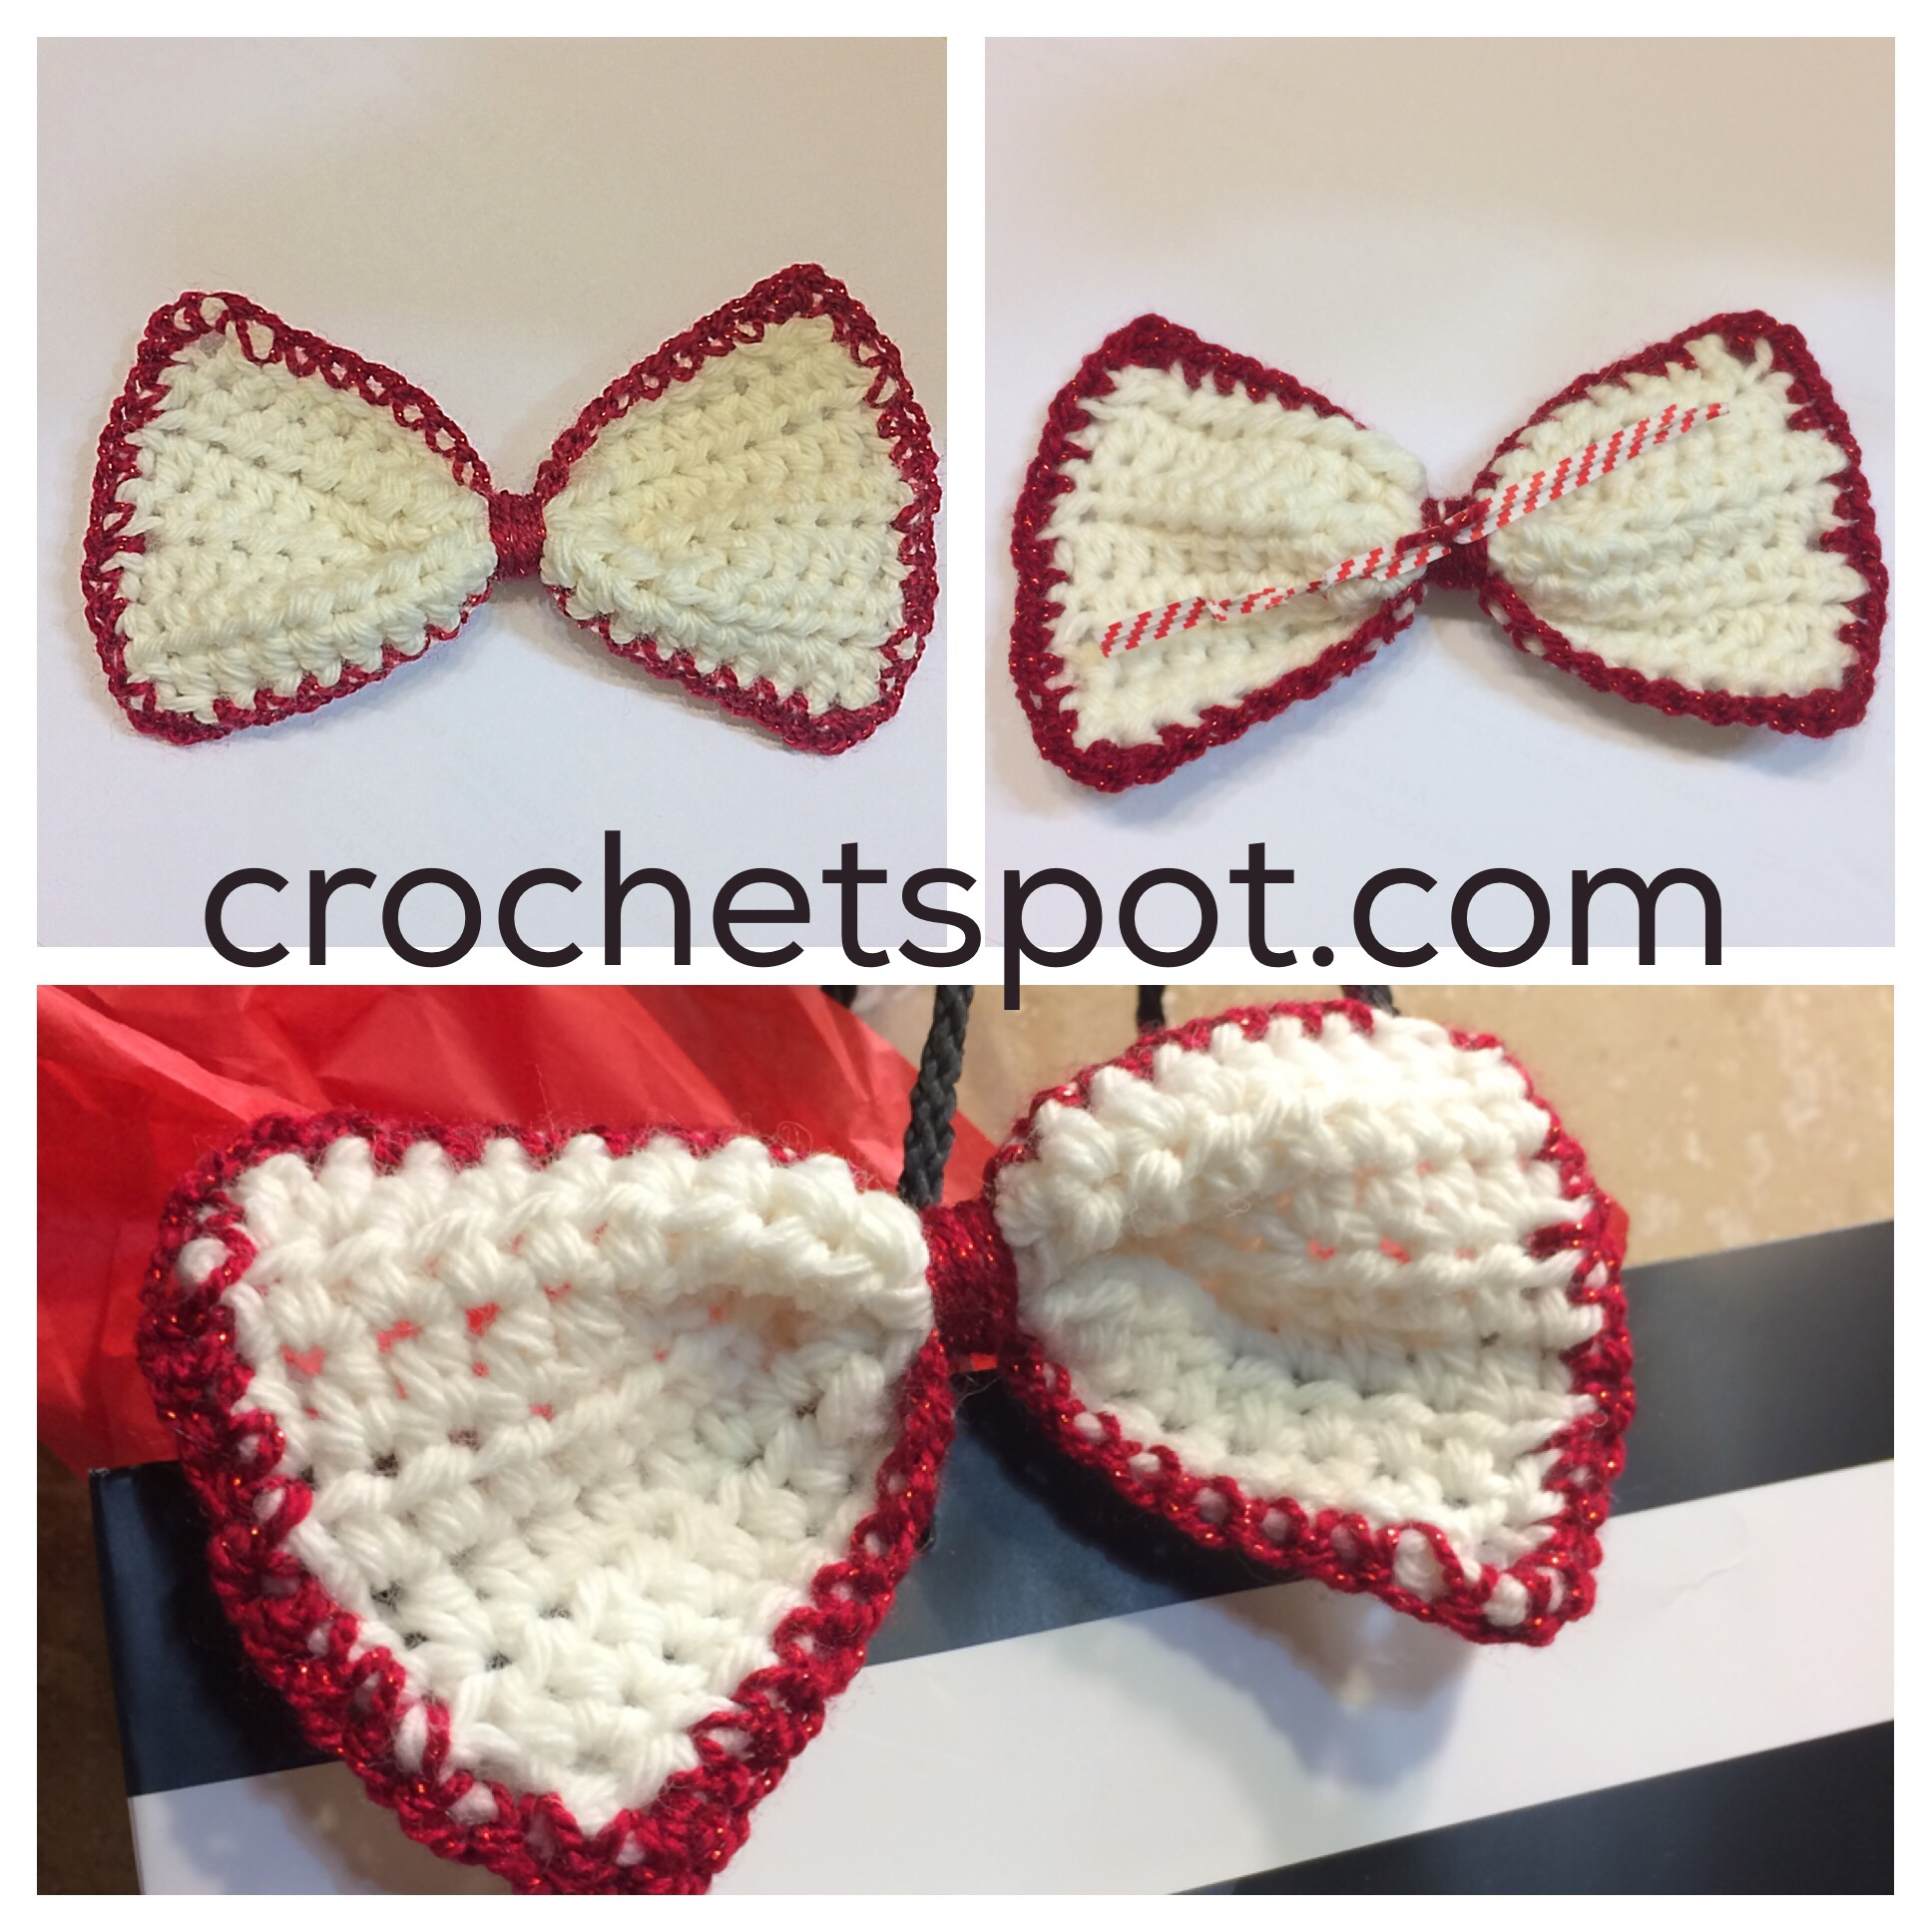 Crochet Spot » Blog Archive » Crochet Pattern: Reusable Gift Bow ...